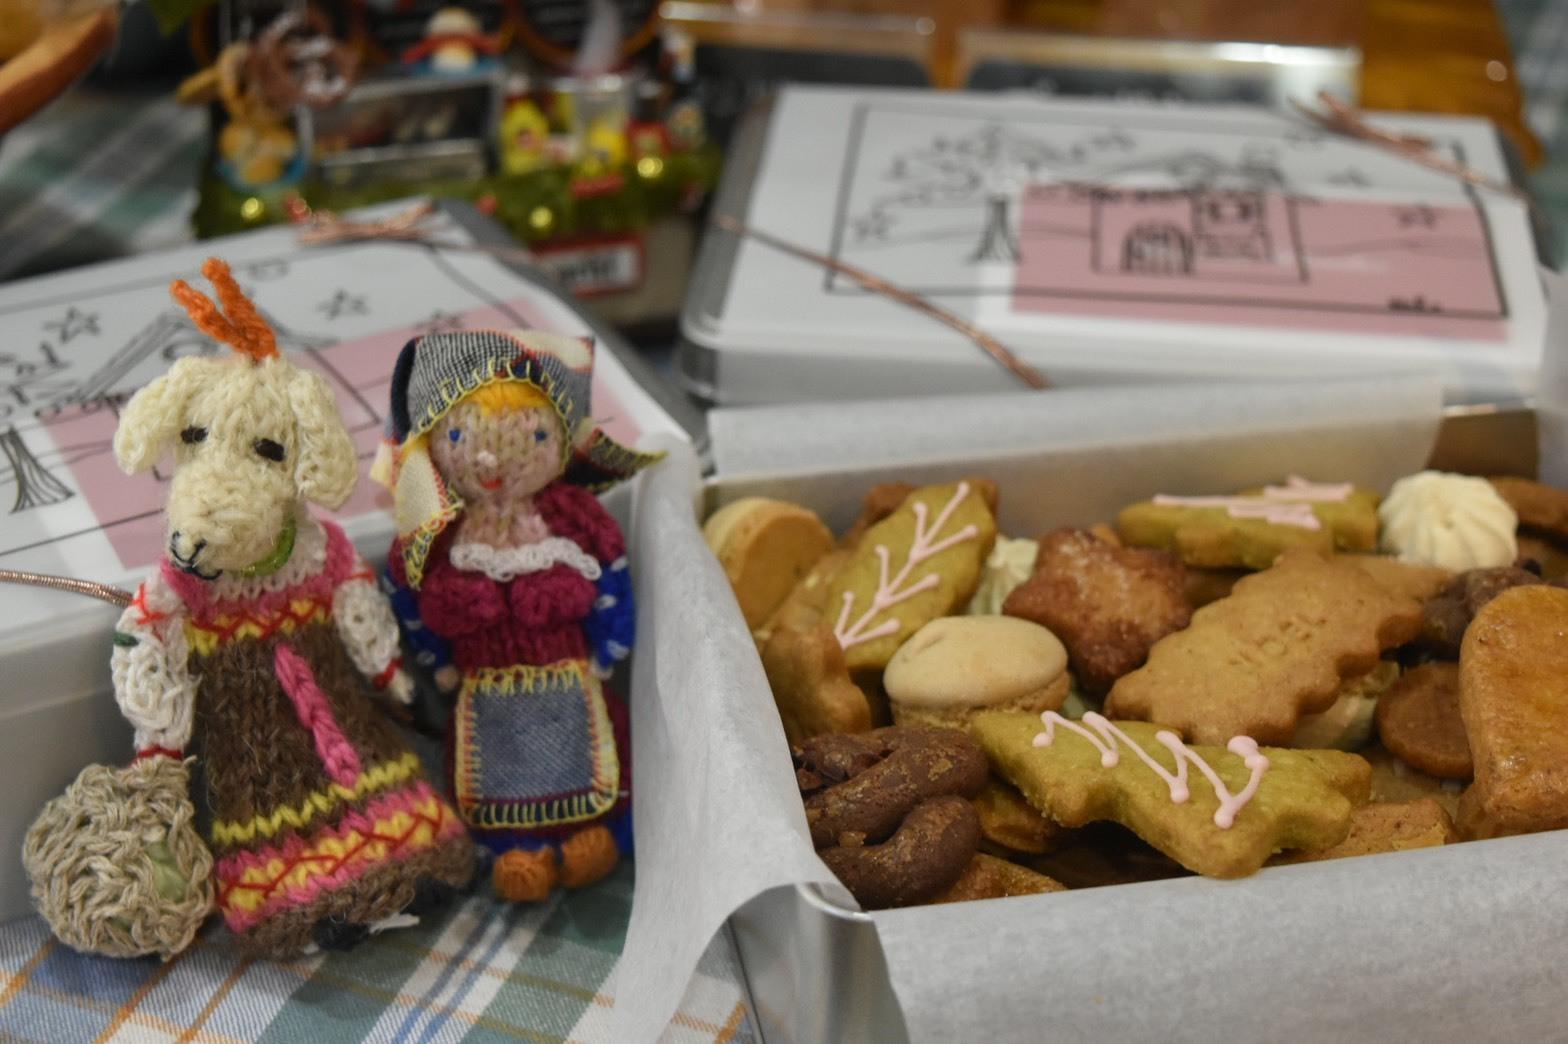 ブレデレクッキー缶発売開始‼_d0154707_11060558.jpg